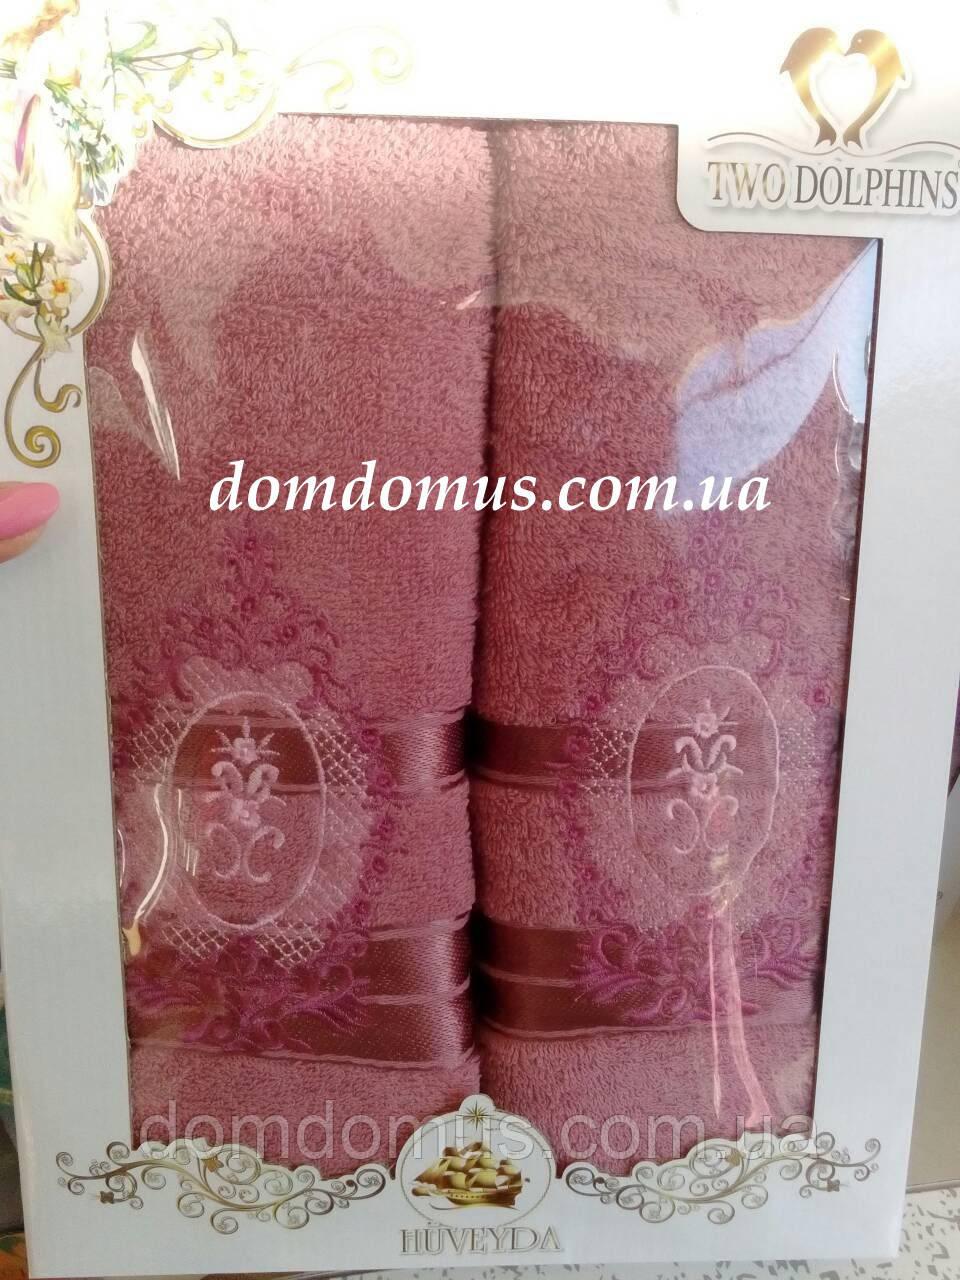 Подарунковий набір рушників TWO DOLPHINS, Туреччина 0181